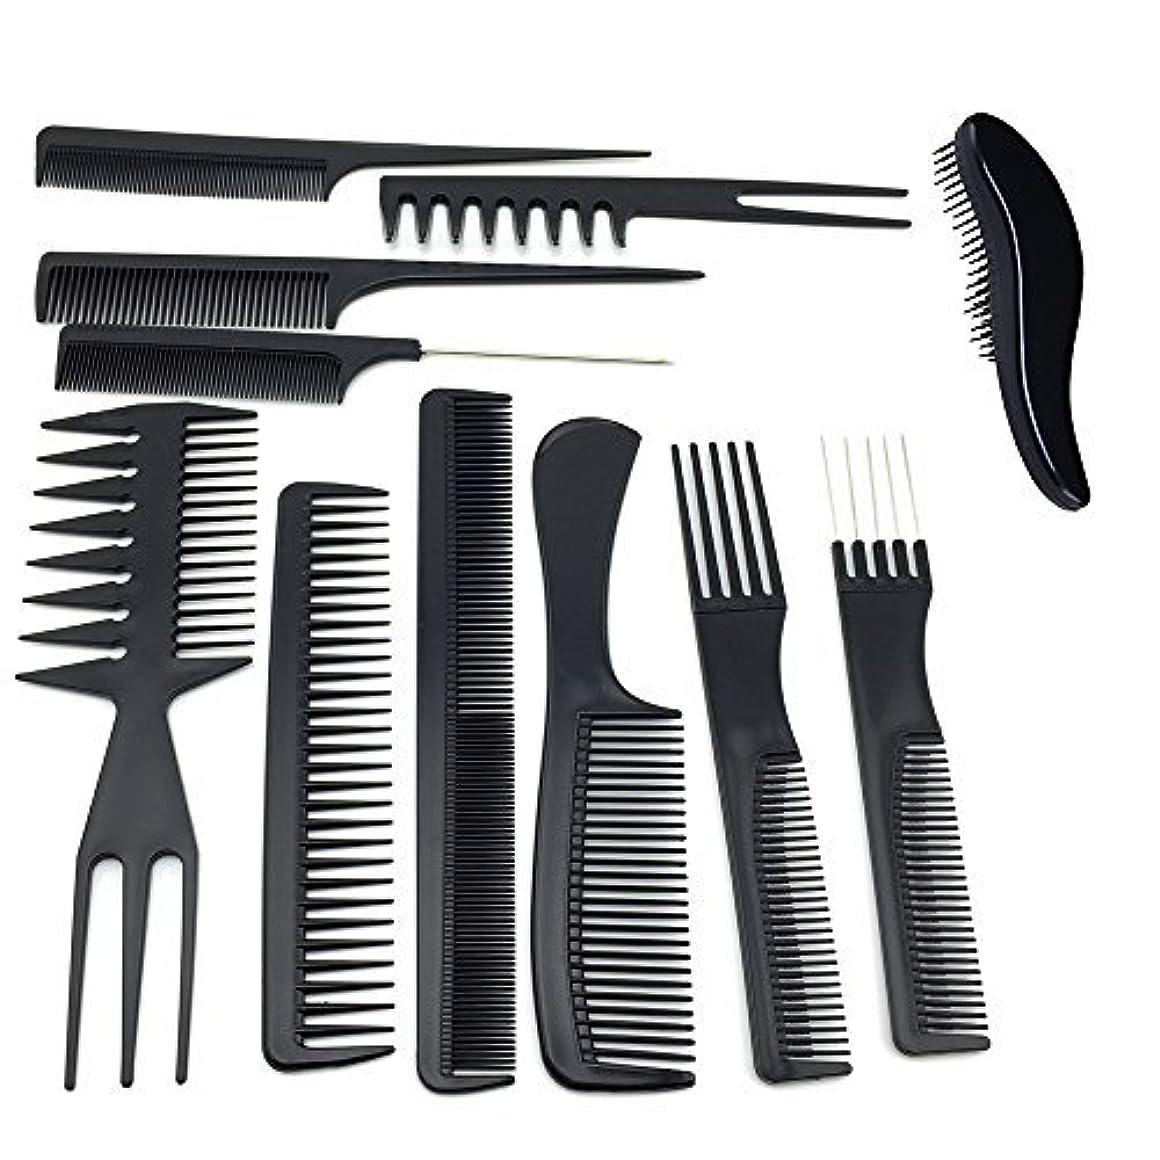 囲まれたフック寝具TraderPlus 11PCS Hair Stylists Professional Styling Comb Set Variety Pack for All Hair Types [並行輸入品]